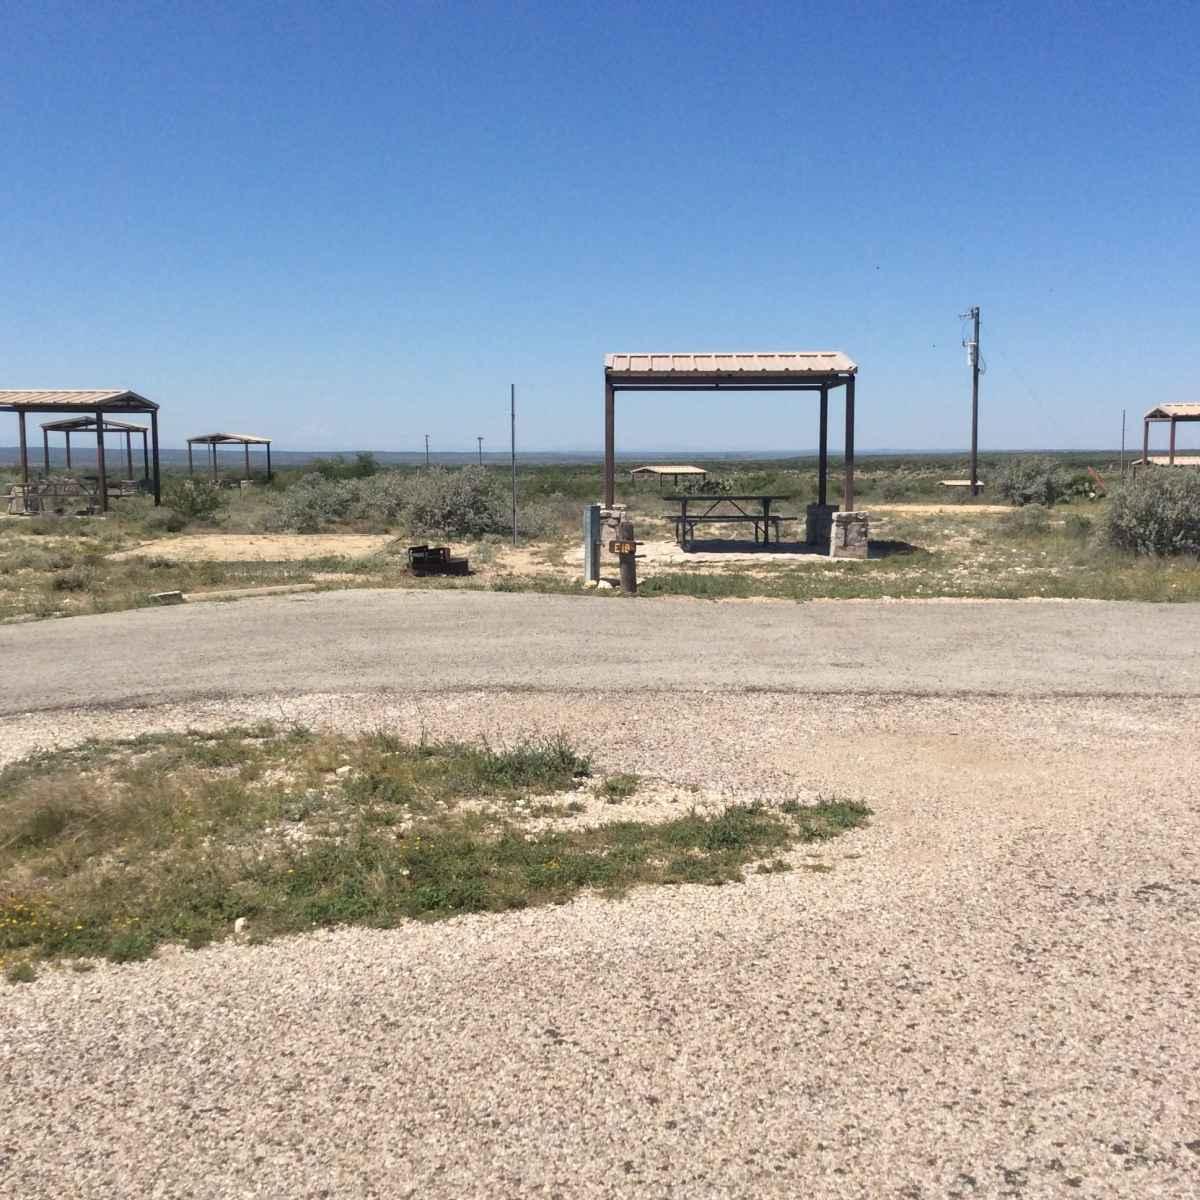 Campsite 18 in Desert Vista Camping Area.